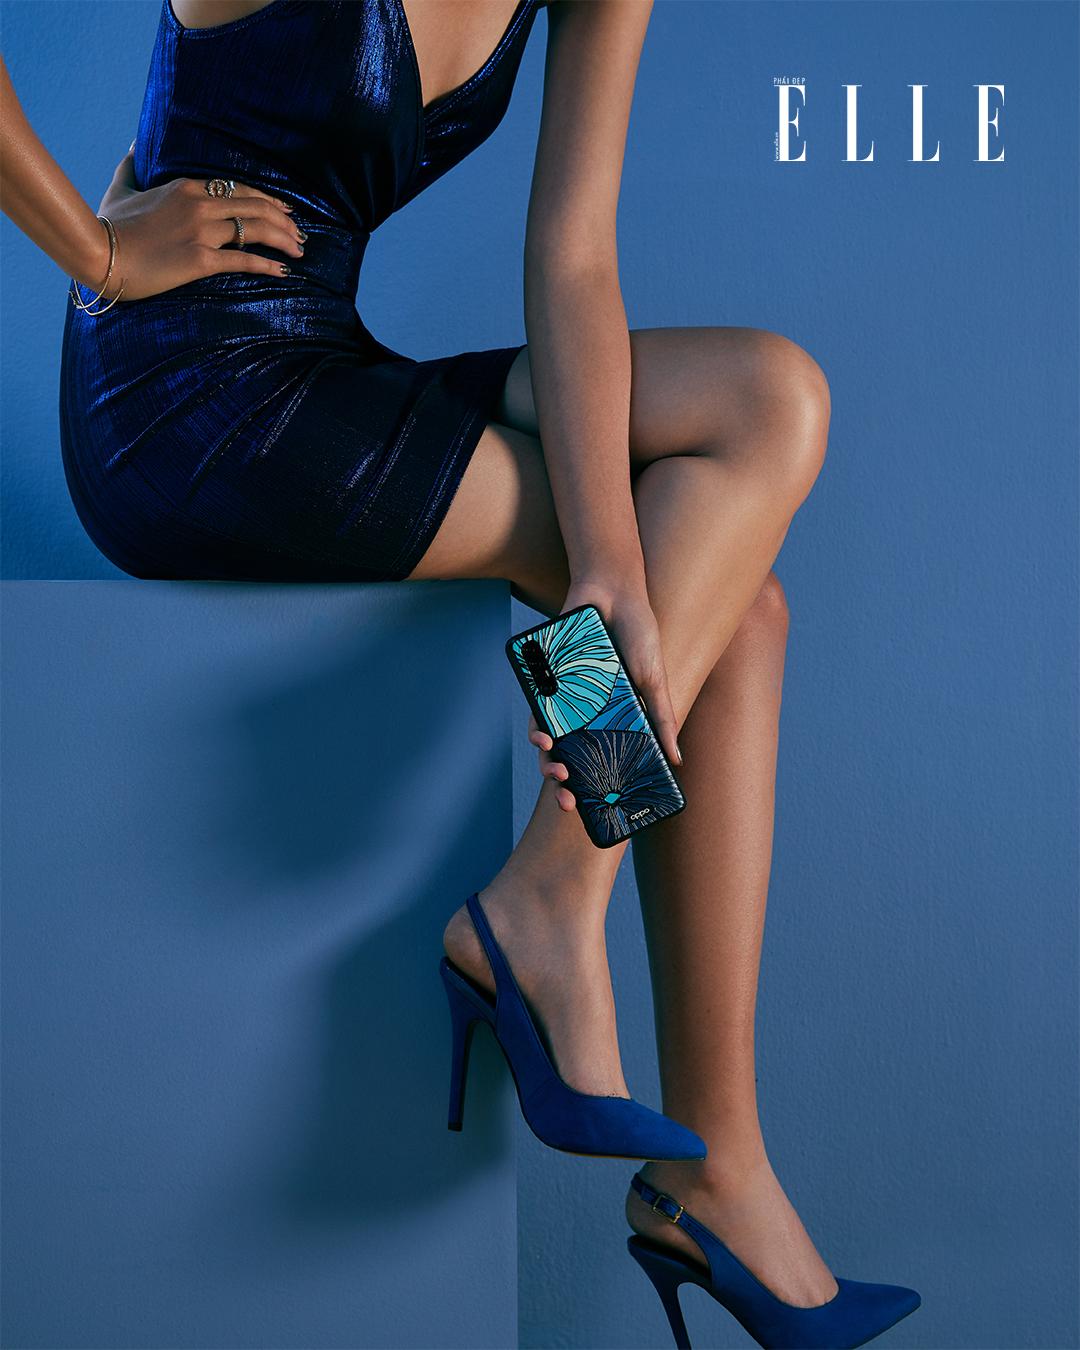 Bộ ảnh thời trang Bản Ngã Thời Thượng - Người mẫu diện đầm xanh ôm sát, cầm điện thoại OPPO Reno3